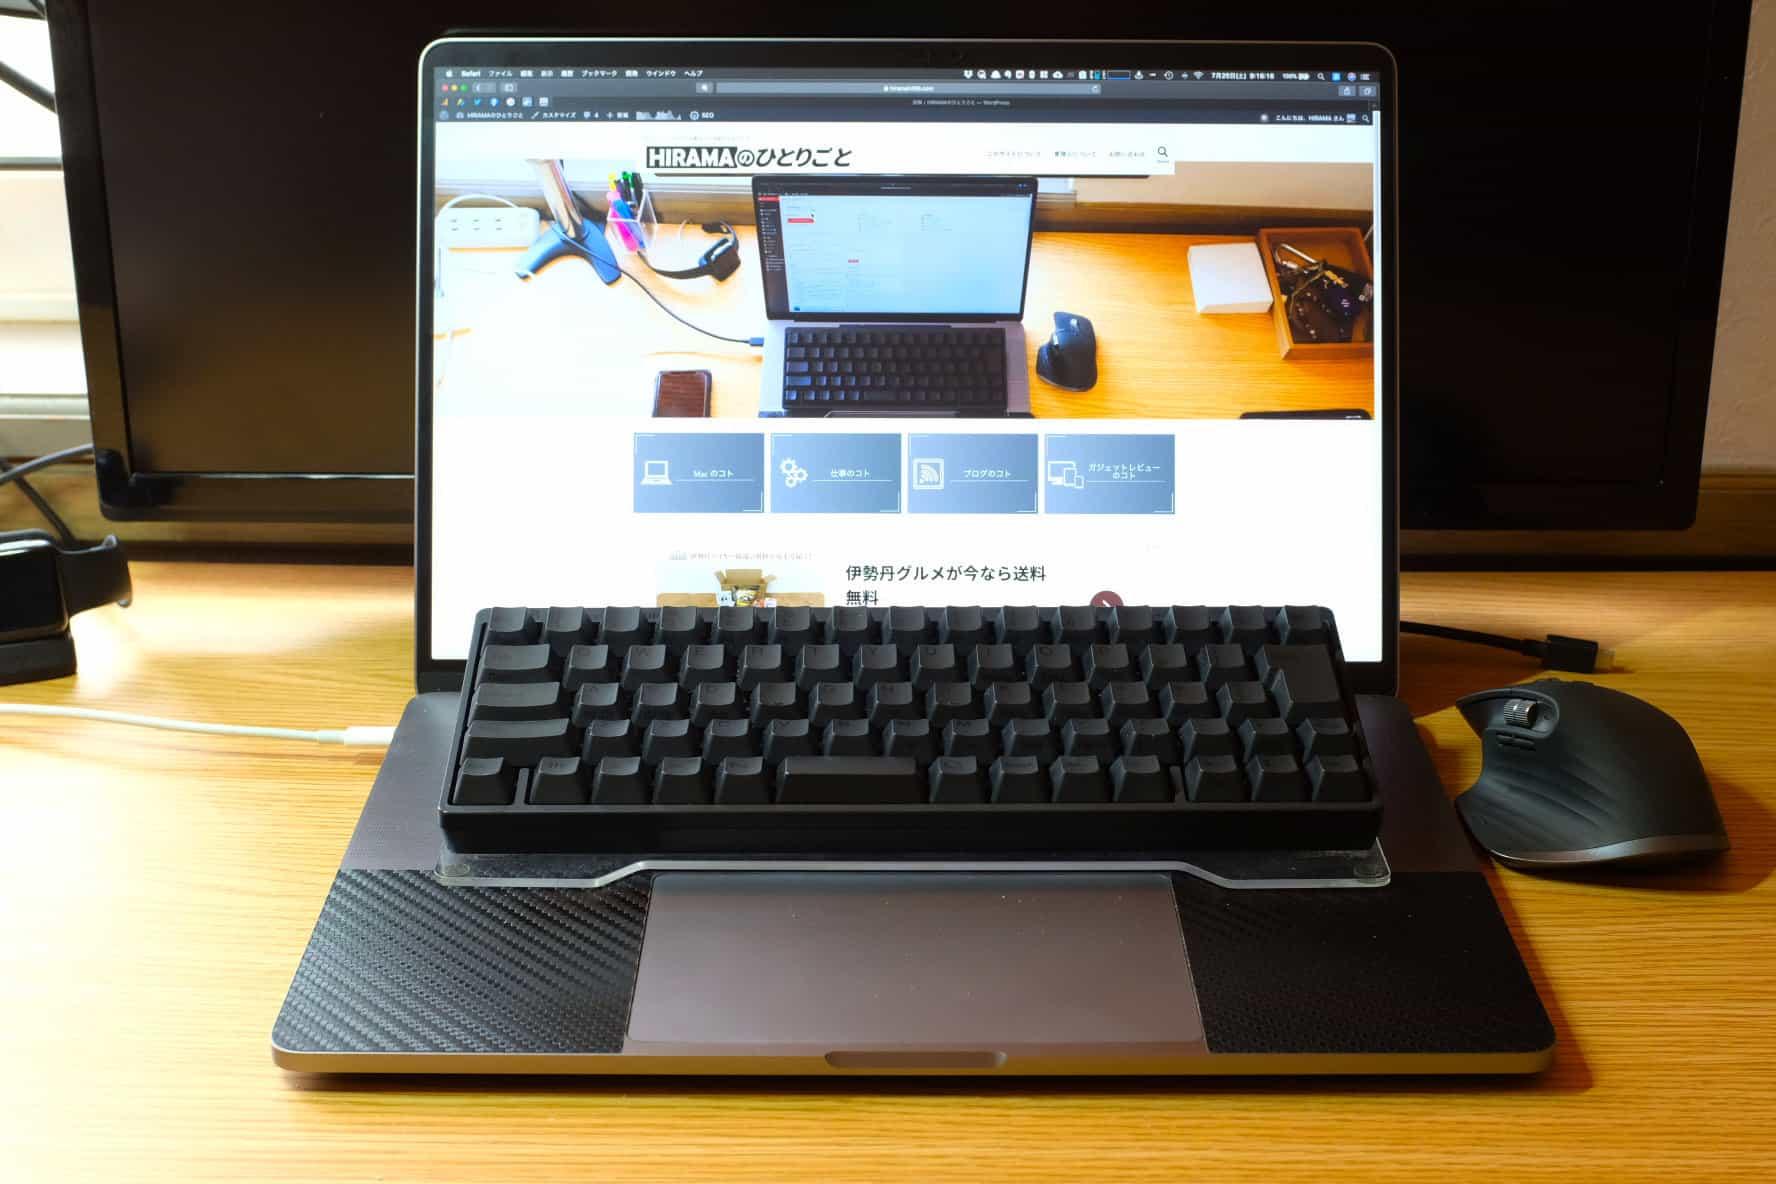 オレたちMacBook「尊師スタイル」